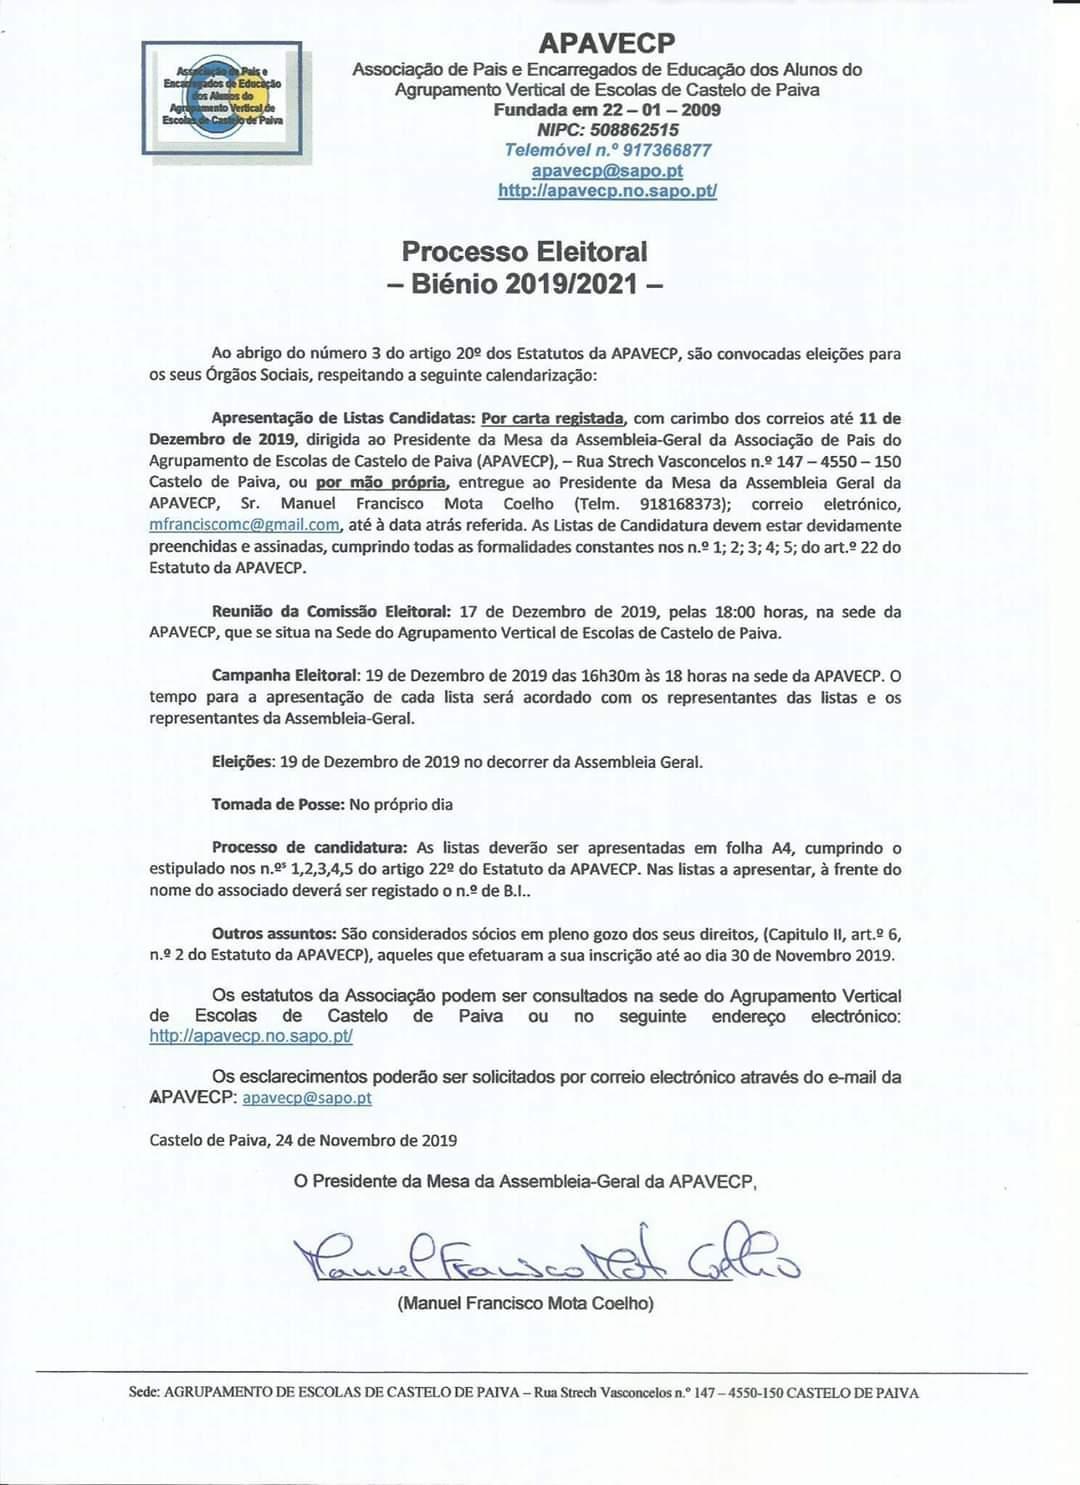 ASSOCIAÇÃO DE PAIS e E.E. do AGRUPAMENTO DE ESCOLAS DE C. PAIVA- APAVECP - PROCESSO ELEITORAL